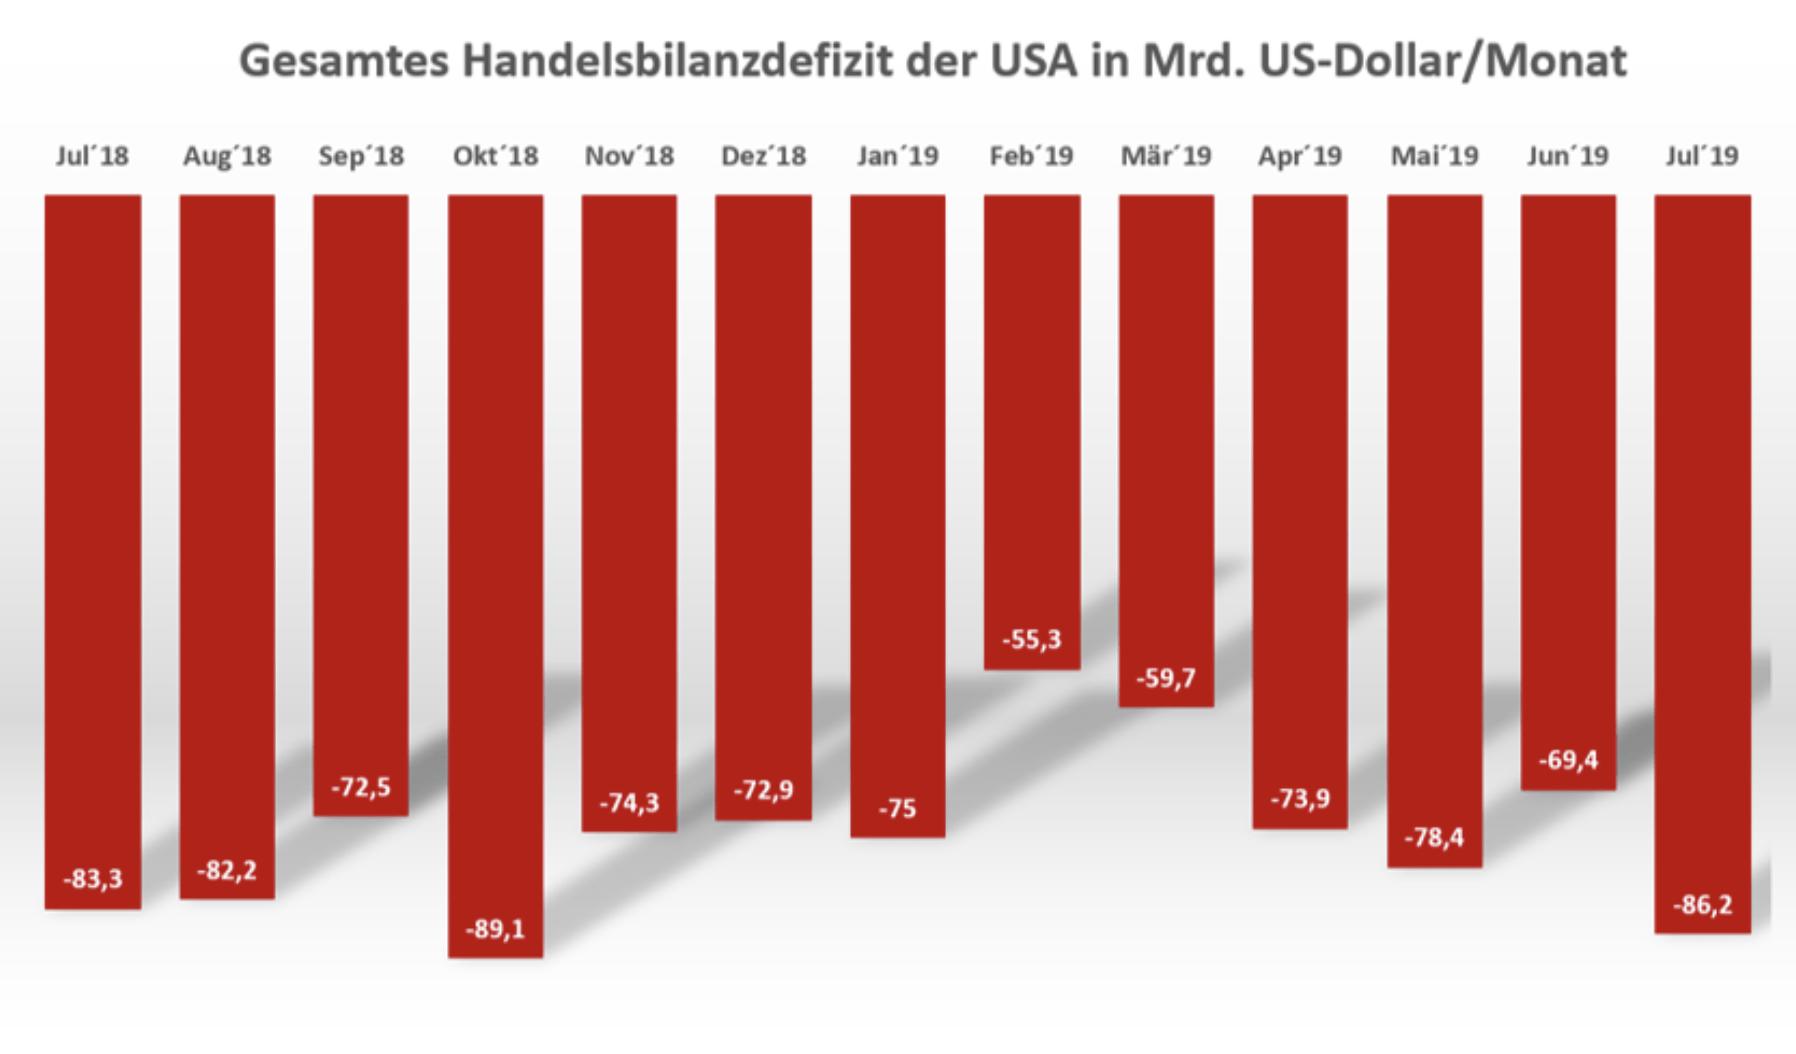 Handelsbilanzdefizit der USA